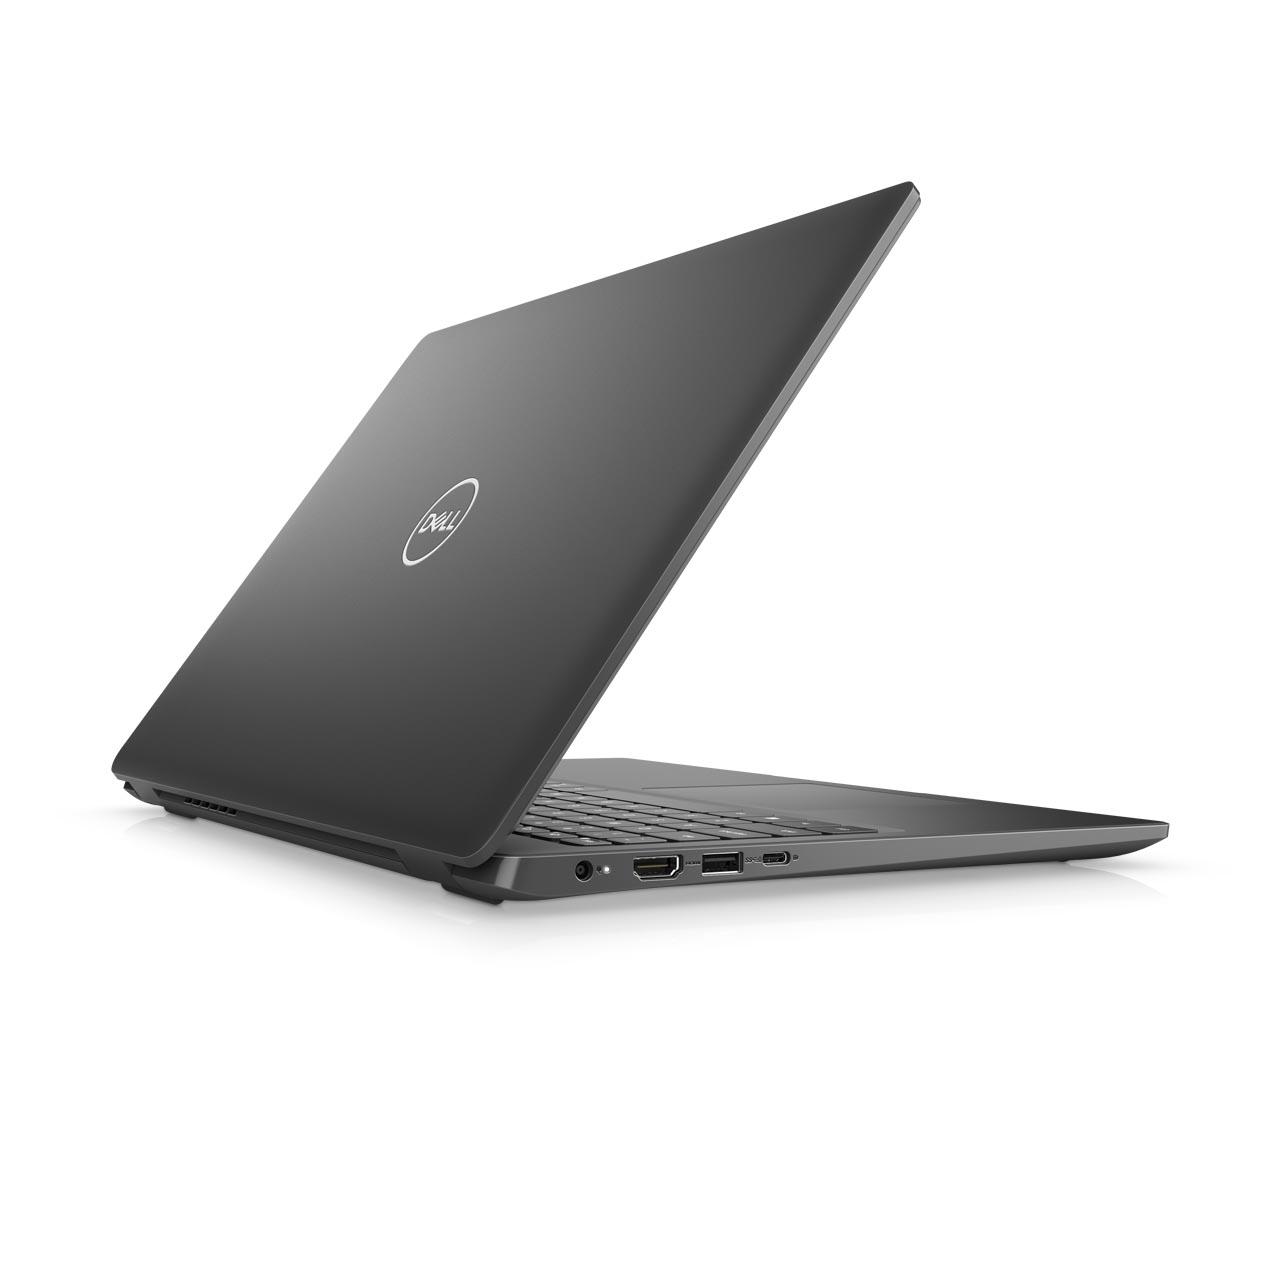 Dell Latitude 3510 15,6'' FHD i3-10110U/8GB/256GB/USB-C/MCR/HDMI/W10Pro/3RNBD/Šedý - YH64W